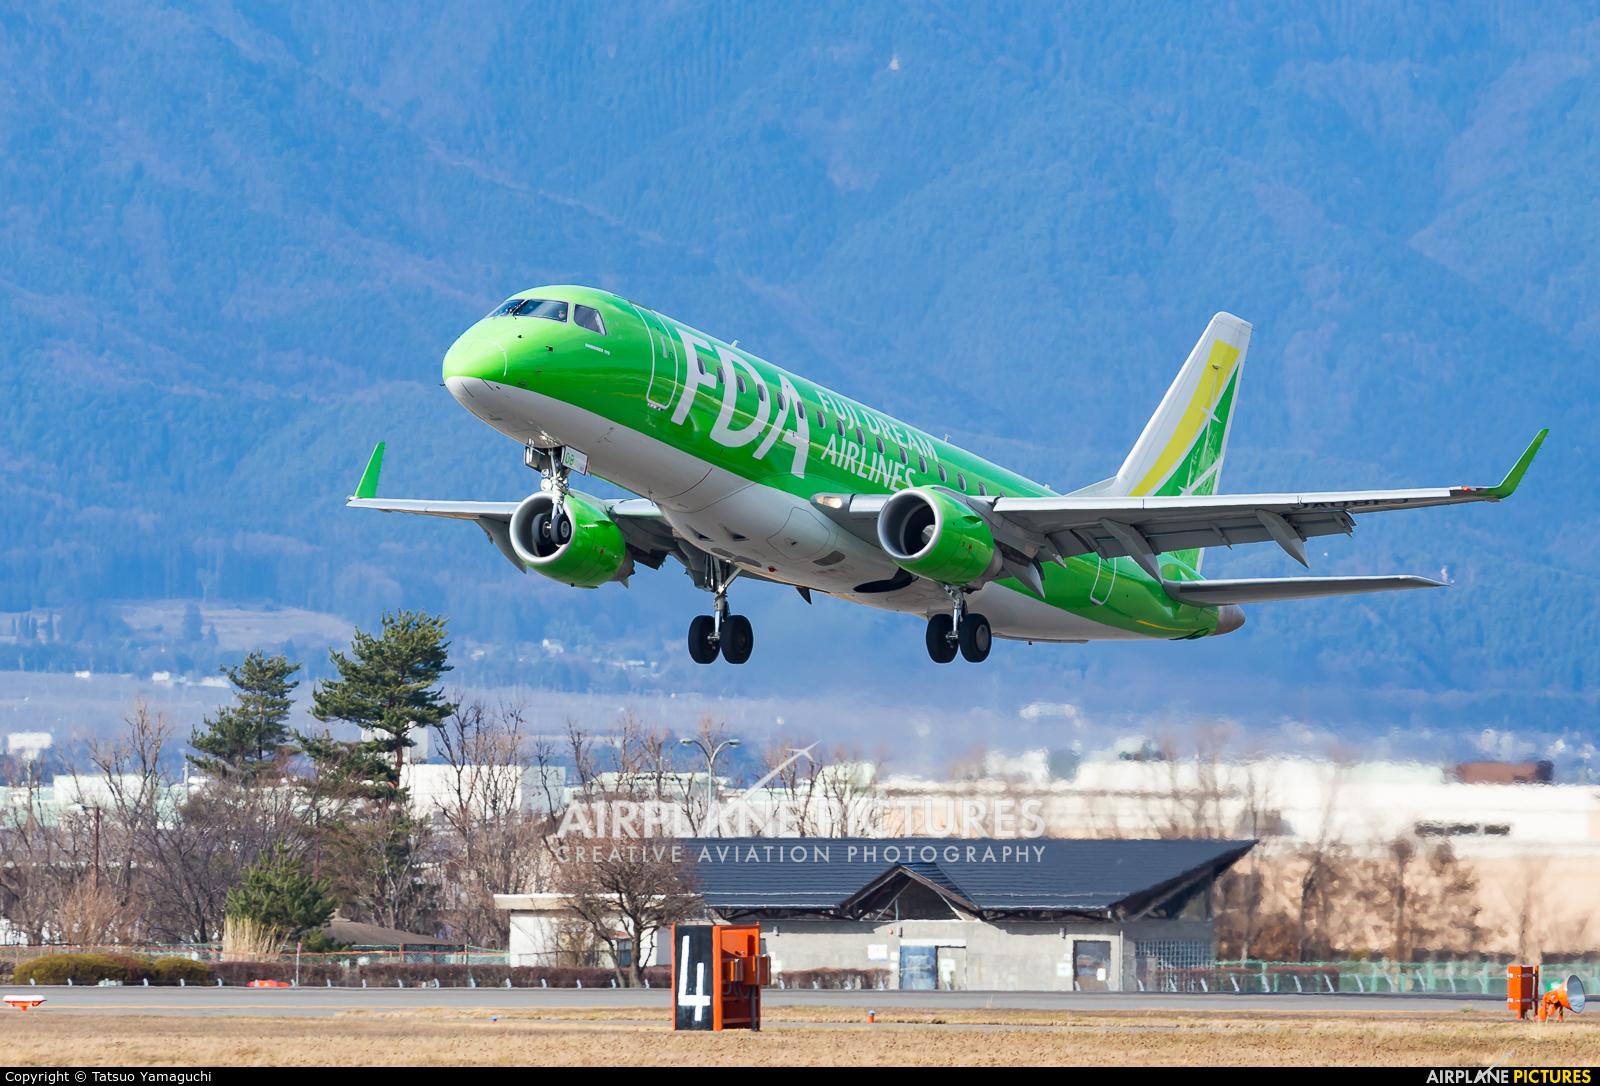 Fuji Dream Airlines JA08FJ aircraft at Shinshu - Matsumoto